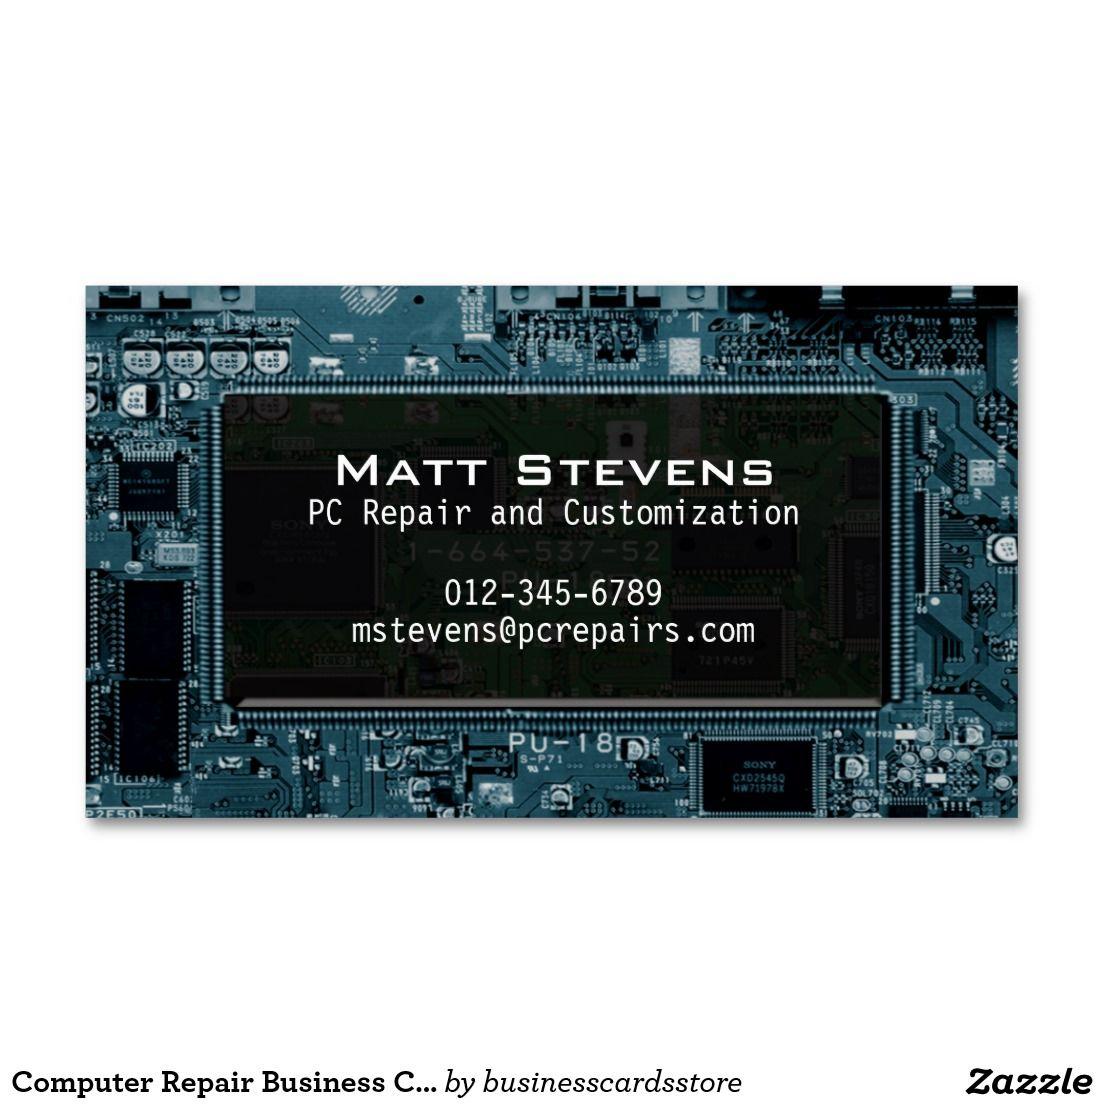 Computer Repair Business Card Circuits Window | Computer repair ...